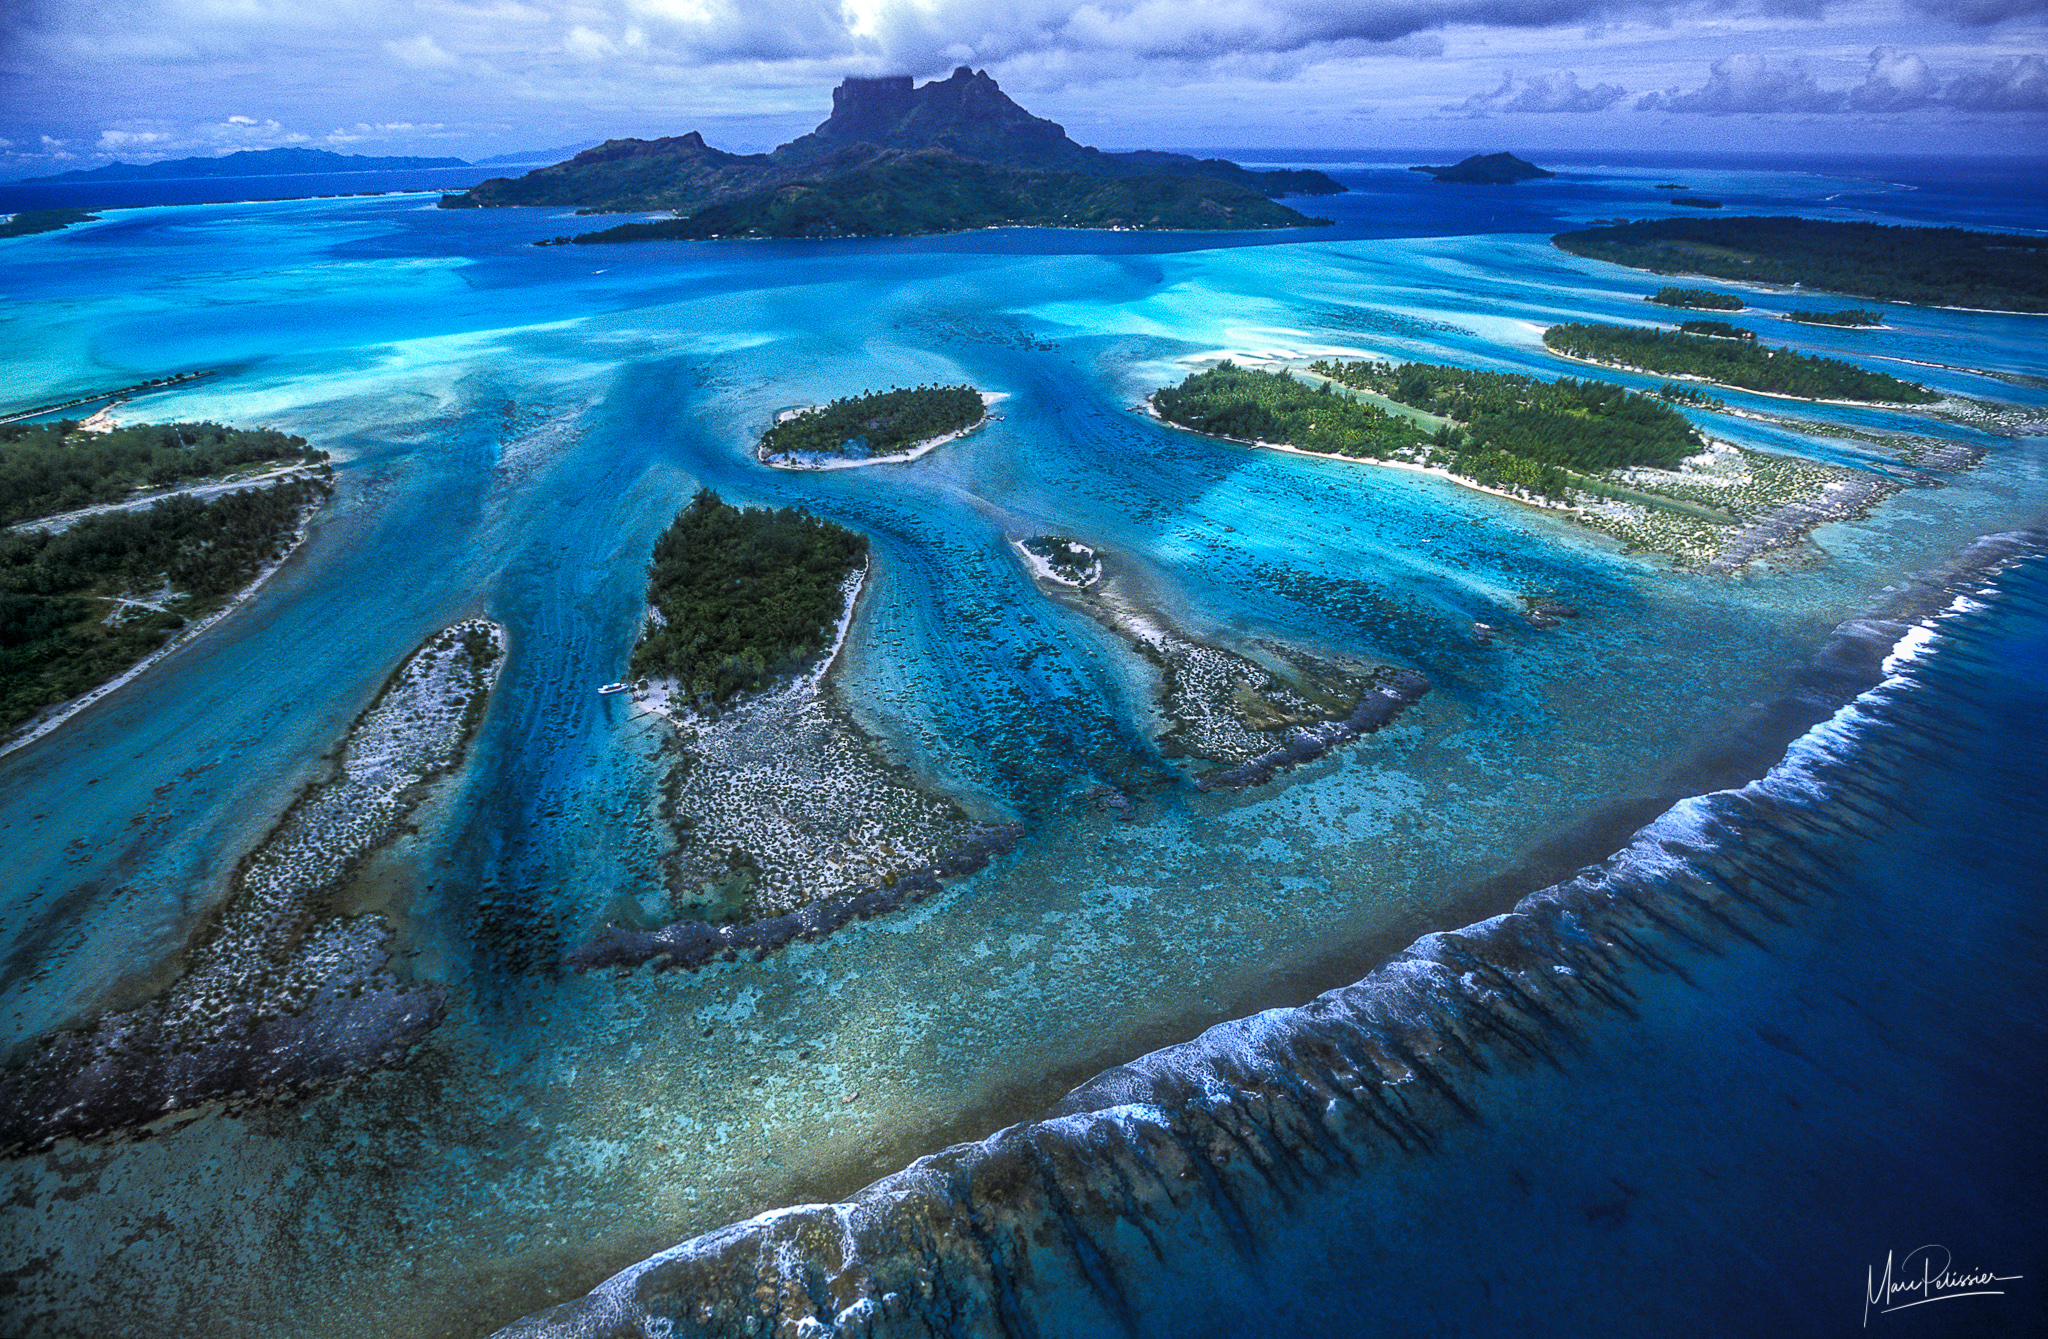 Barrier reef teeth, French Polynesia